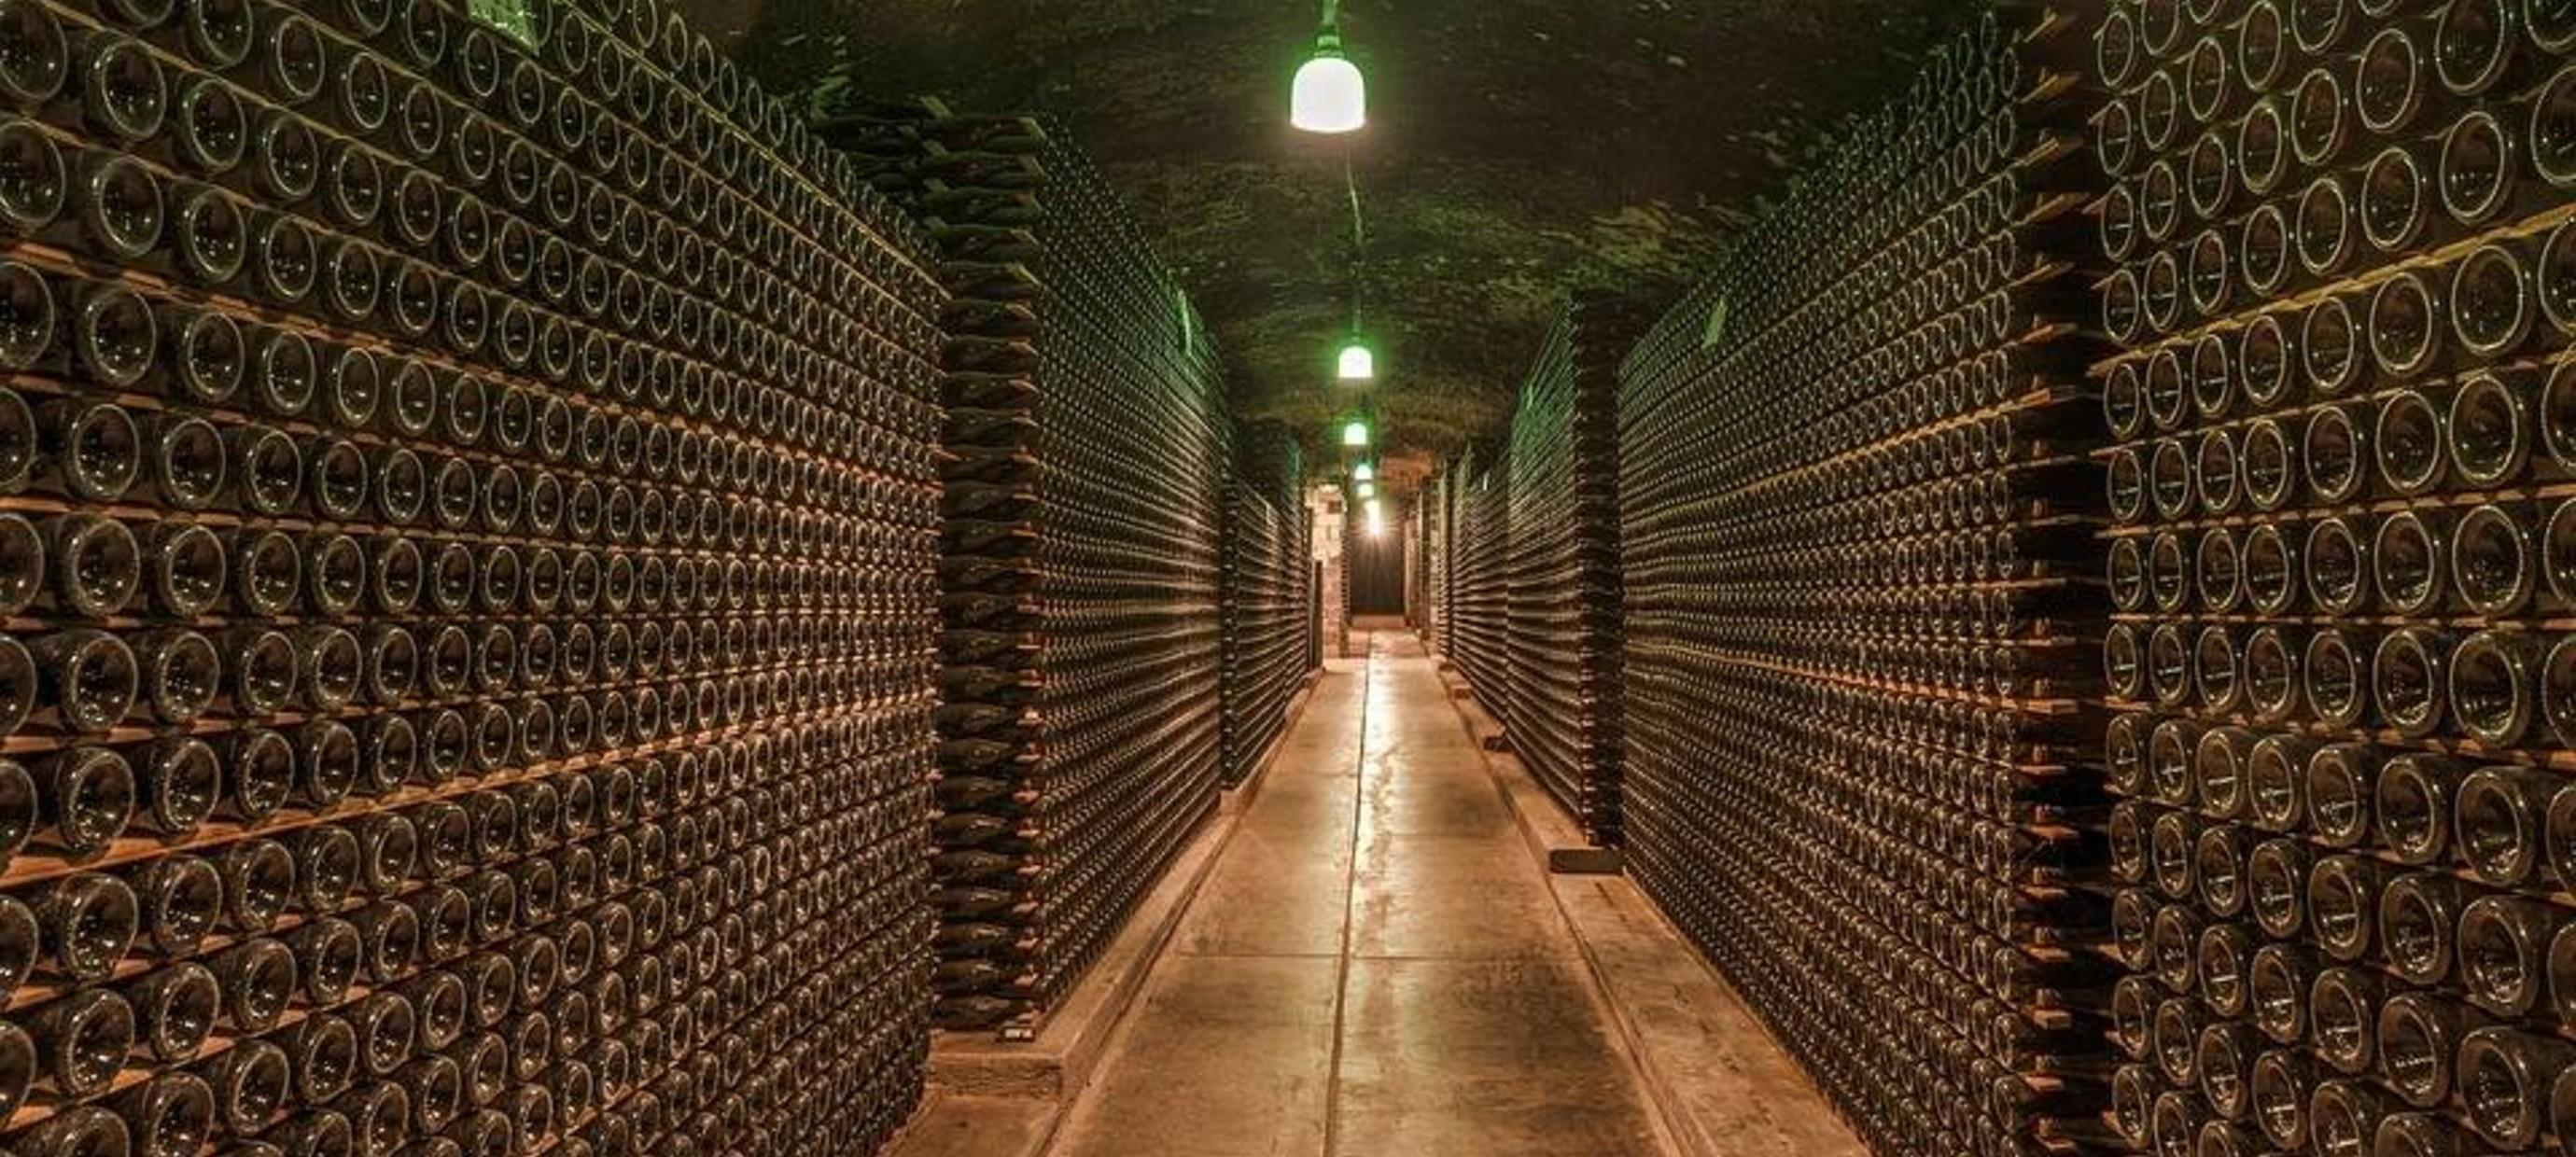 Hoe bewaar je wijn het allerbeste?